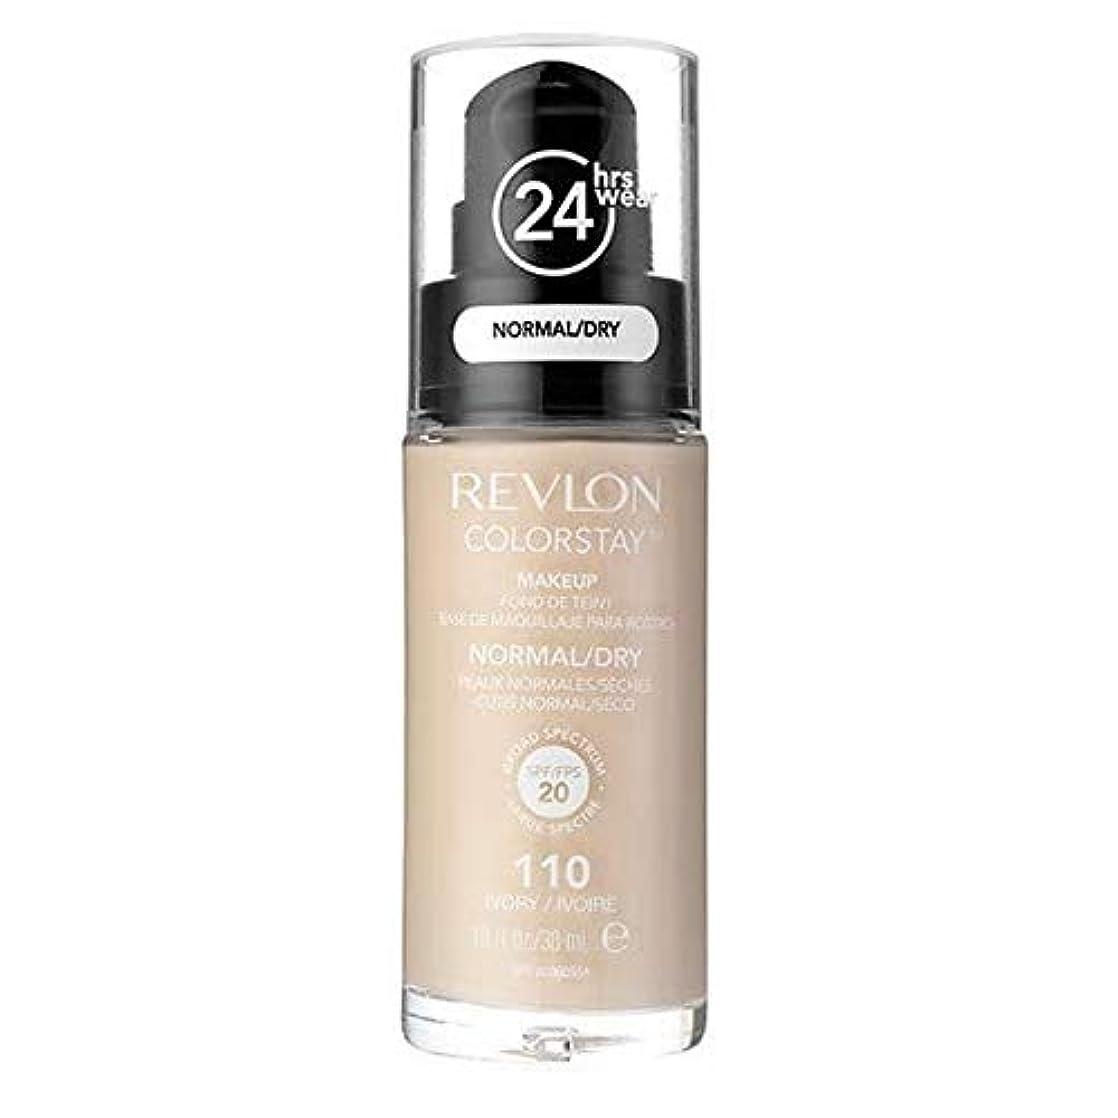 マティス部分的哀れな[Revlon ] レブロンカラーステイ基盤ノルム/ドライアイボリー30ミリリットル - Revlon Color Stay Foundation Norm/Dry Ivory 30ml [並行輸入品]